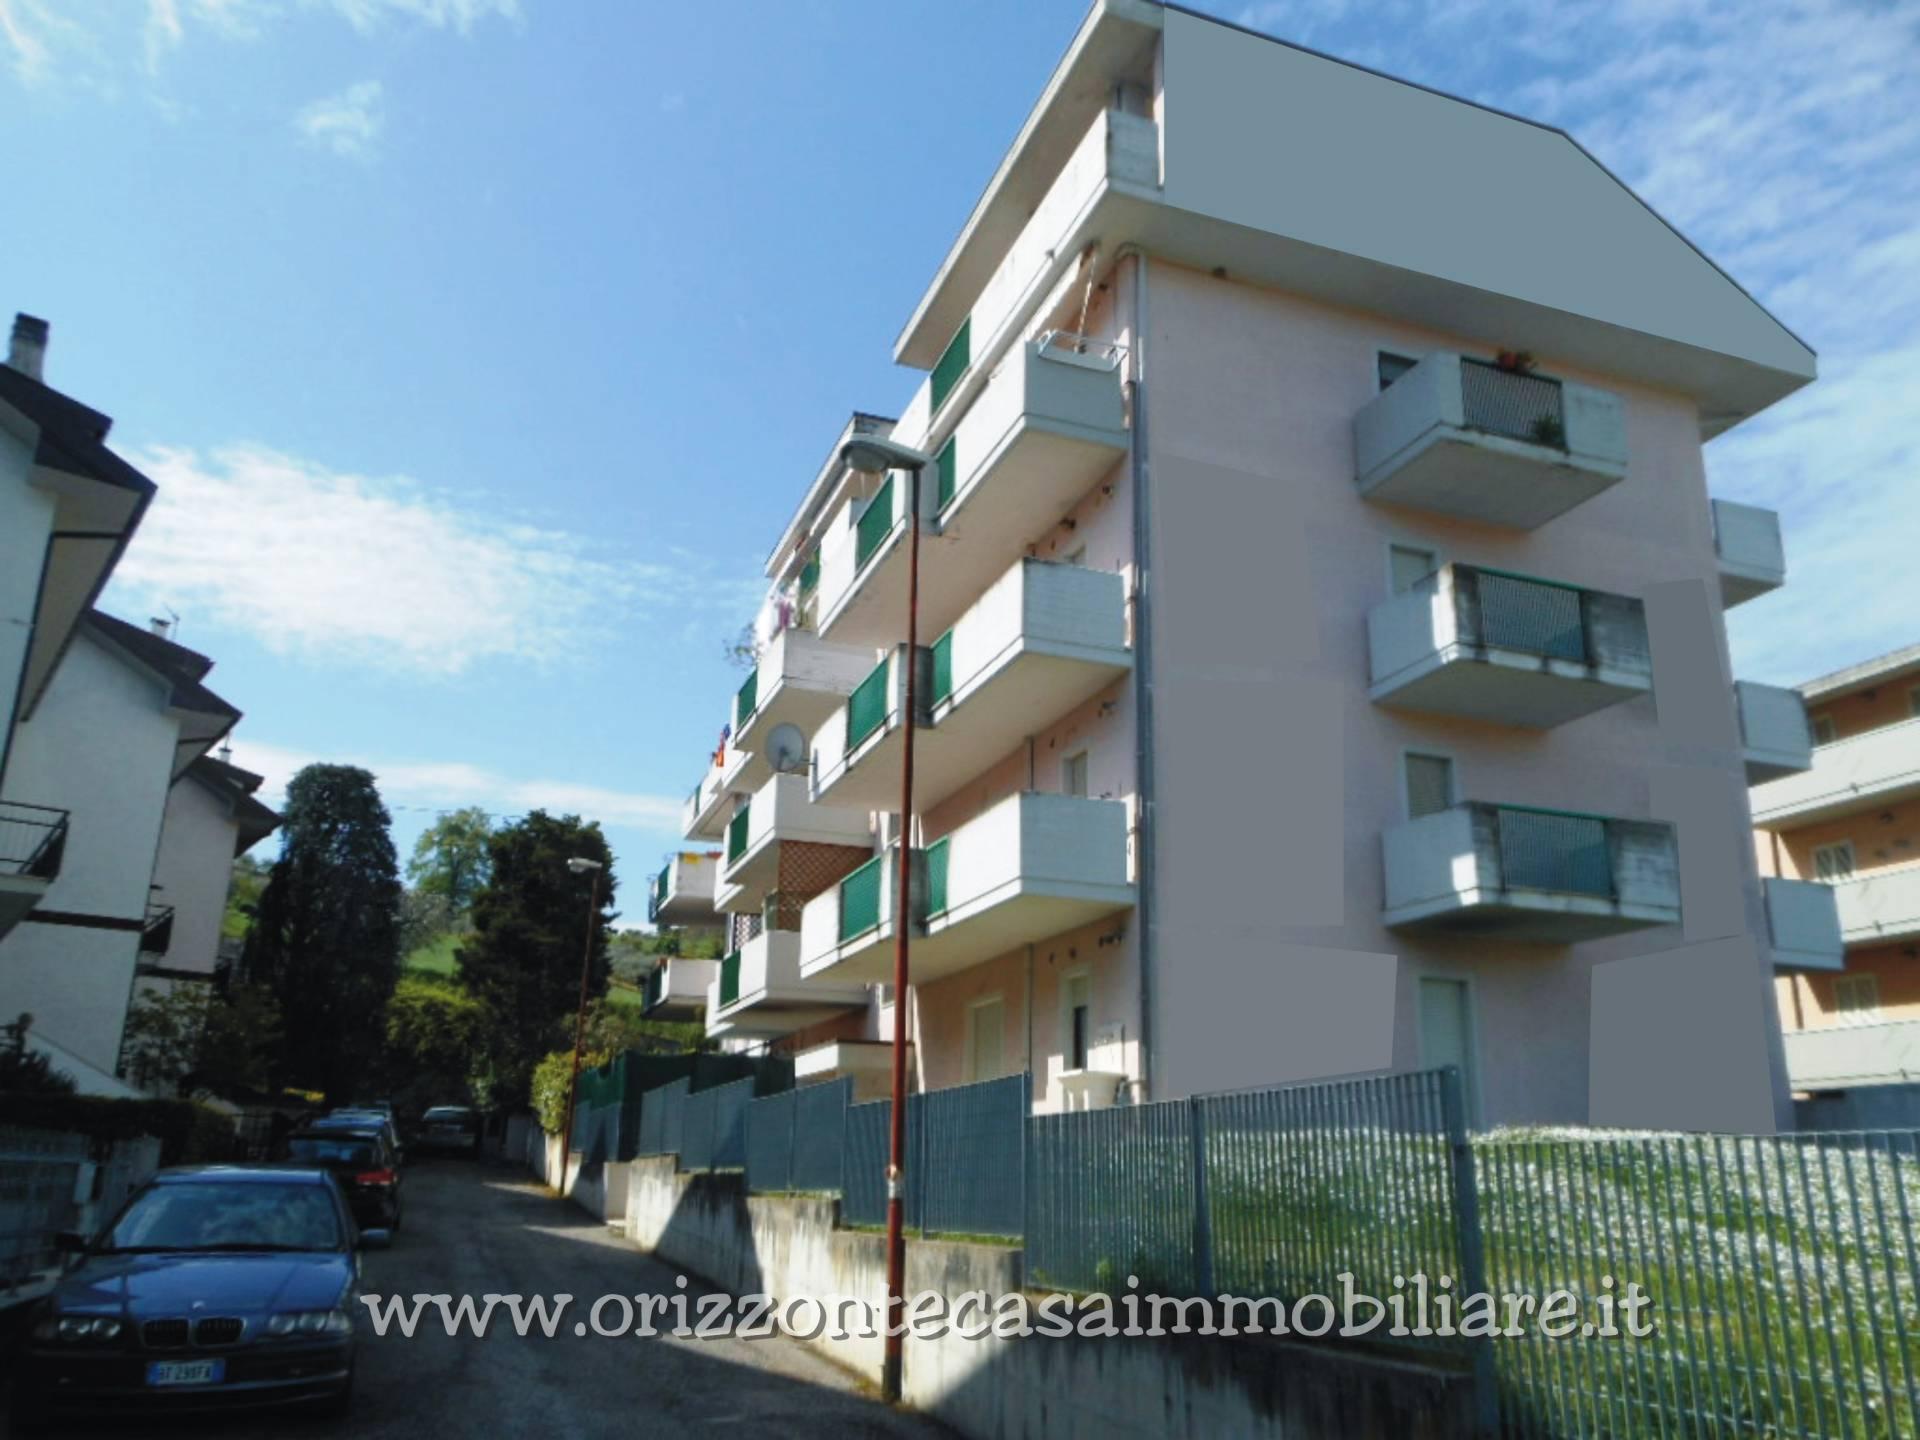 Appartamento in vendita a Venarotta, 6 locali, prezzo € 74.000 | CambioCasa.it